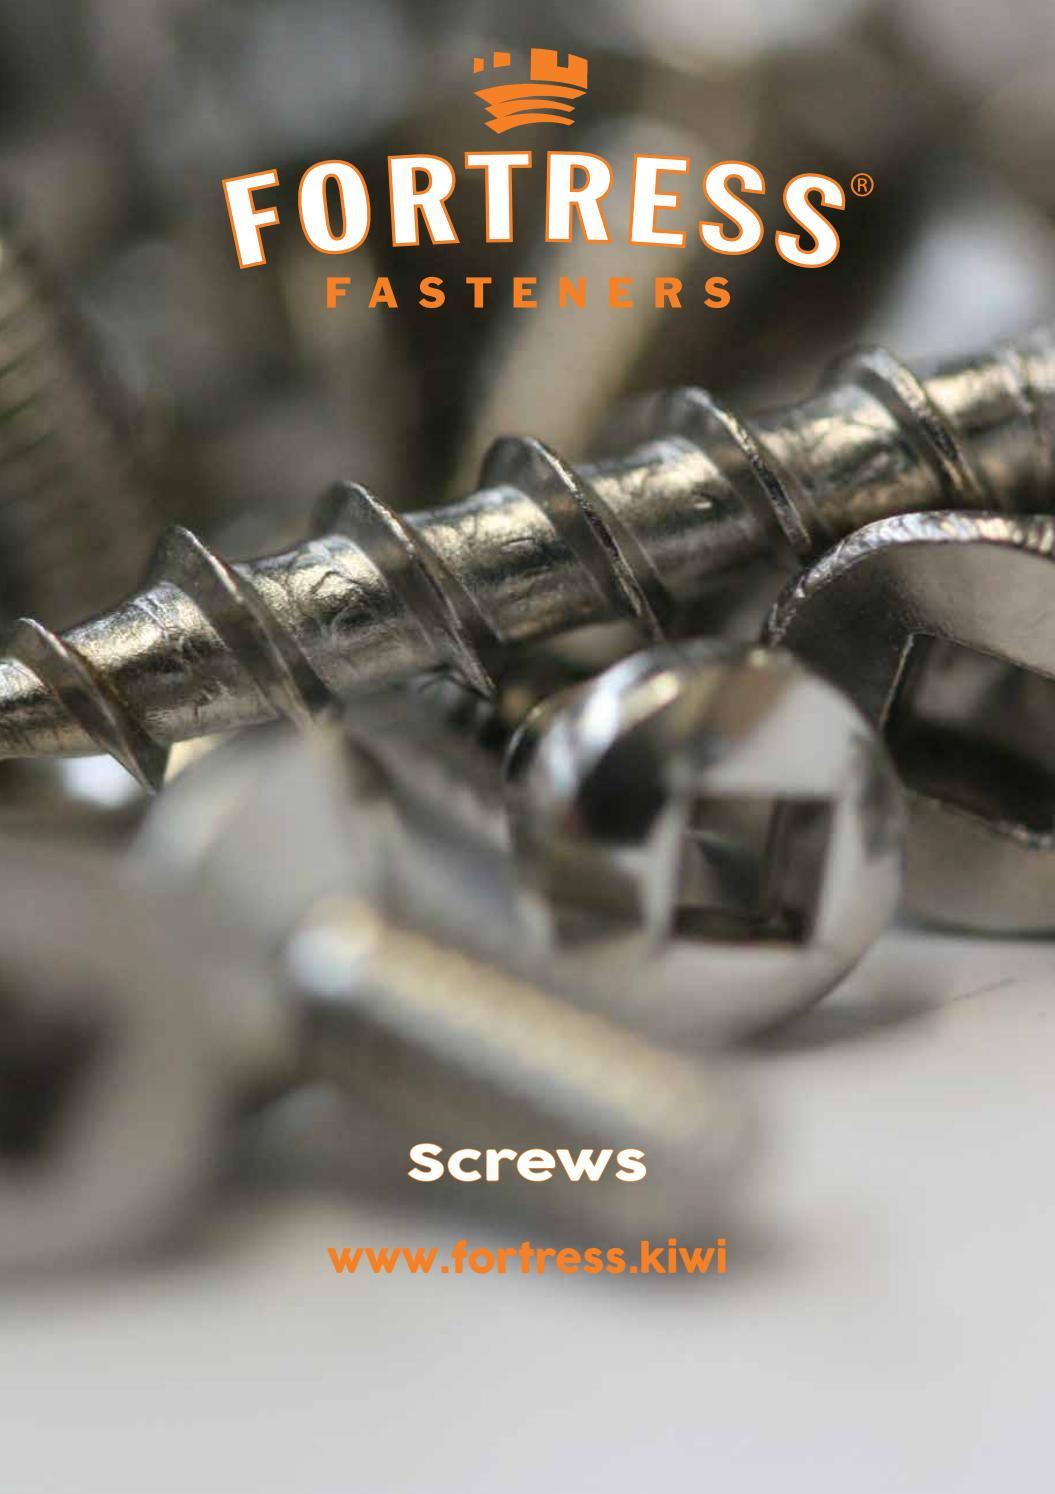 40 x TORX Fast CSK Easy TORX Head WOODSCREWS 3.5mm x 25mm Free BIT